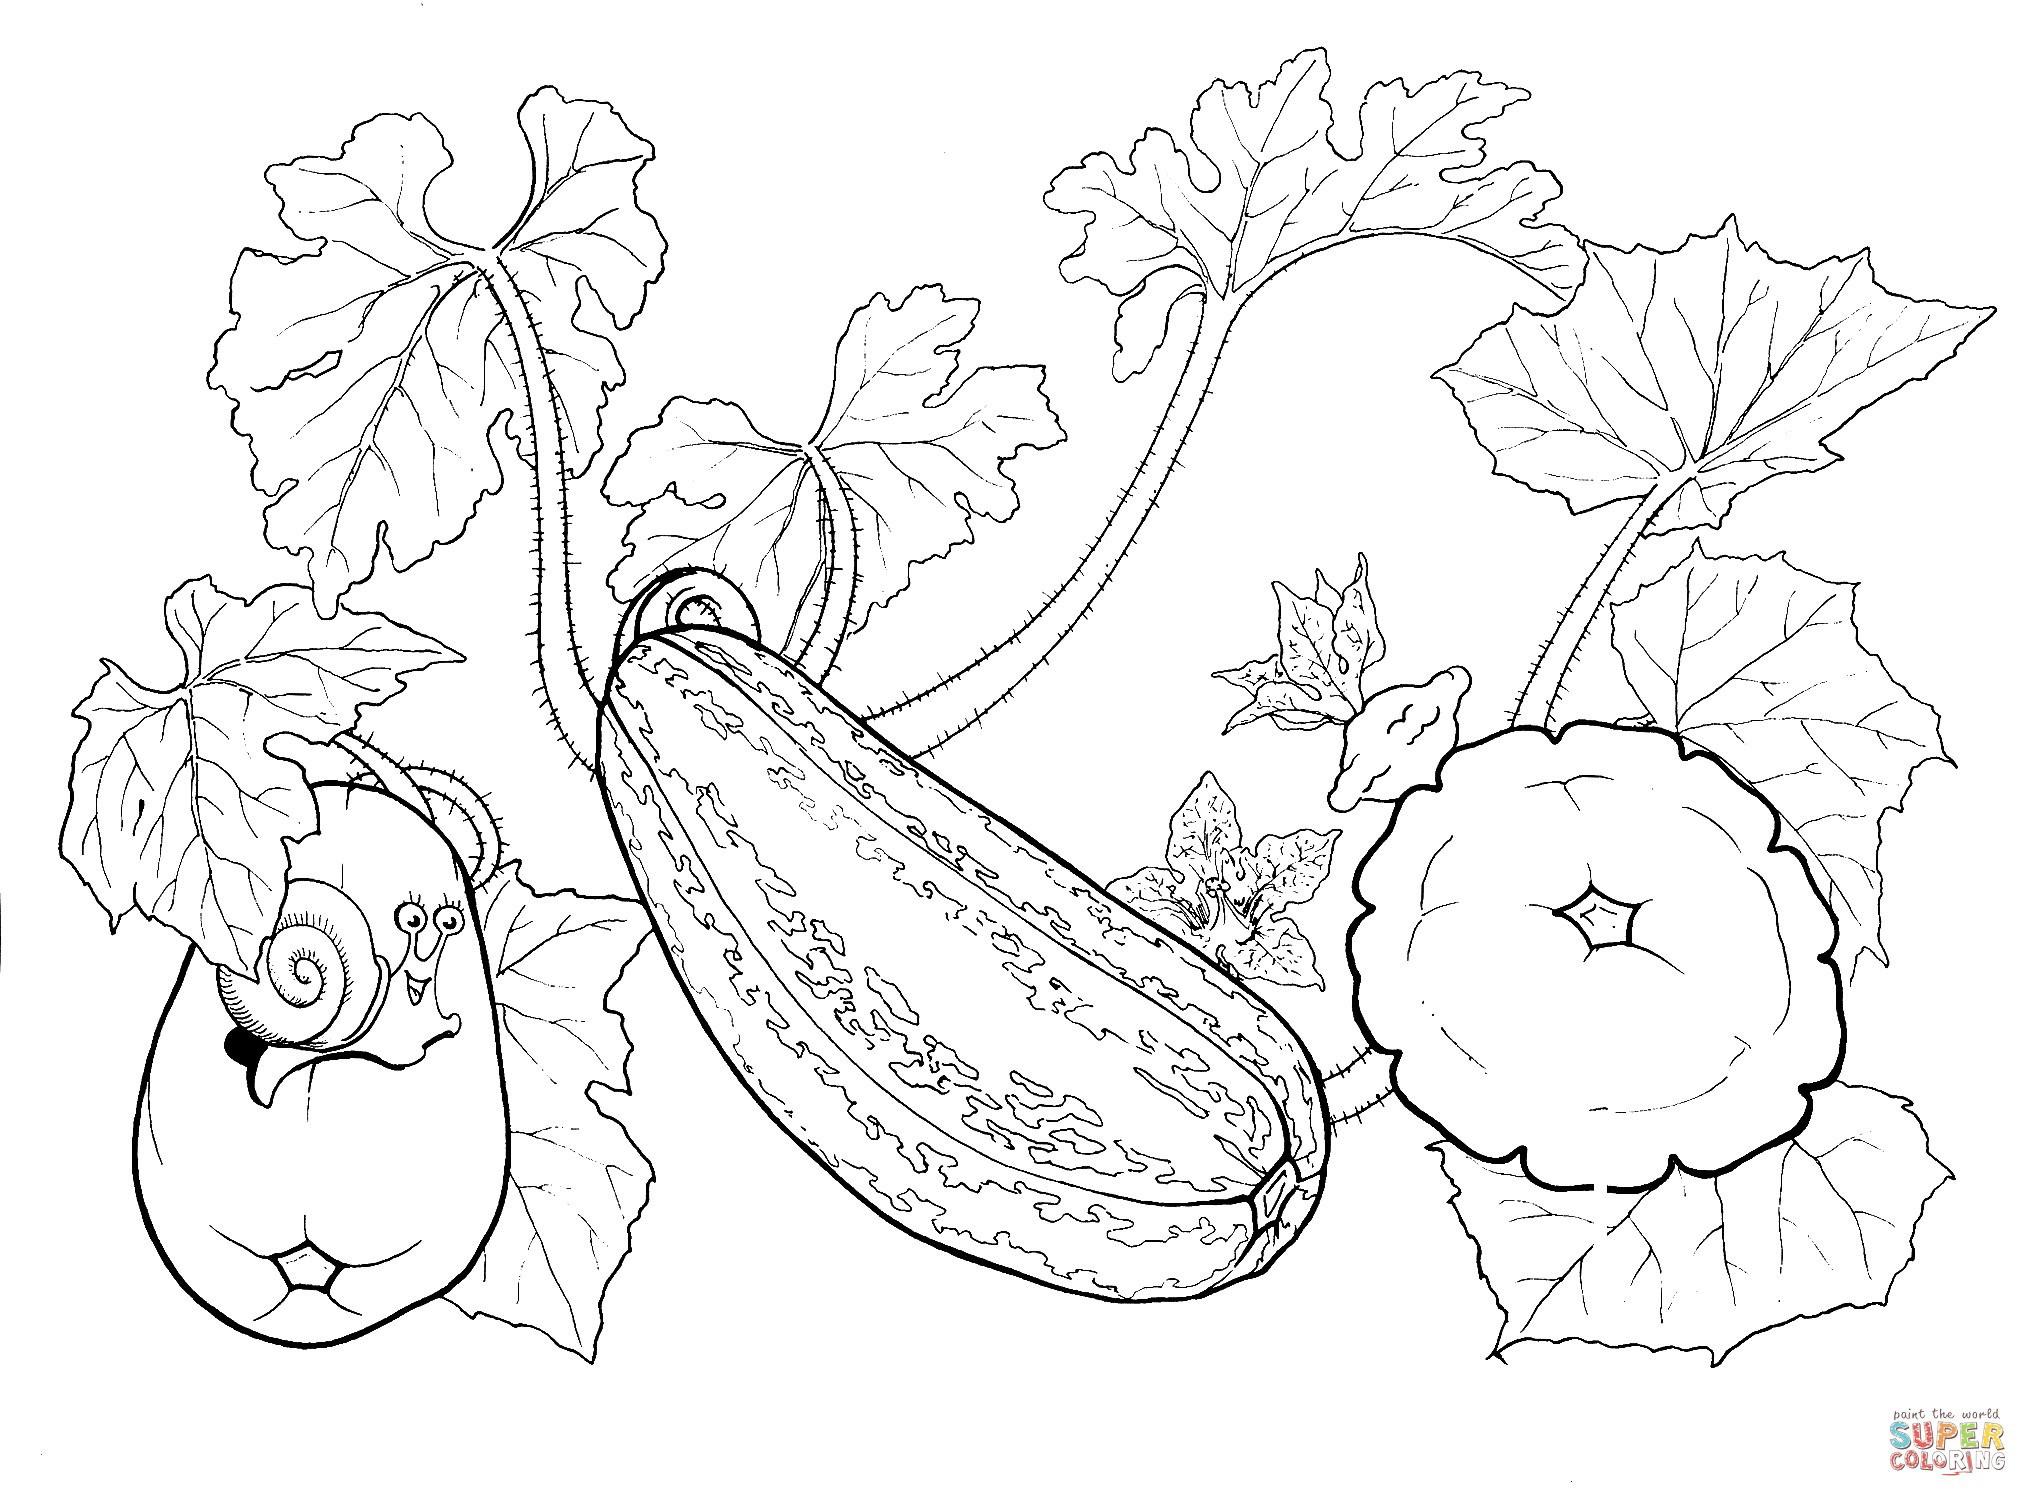 Plants Vs Zombies Ausmalbilder Neu Ausmalbilder Zombies Frisch Nett Streifenhörnchen Malvorlagen Zum Fotos